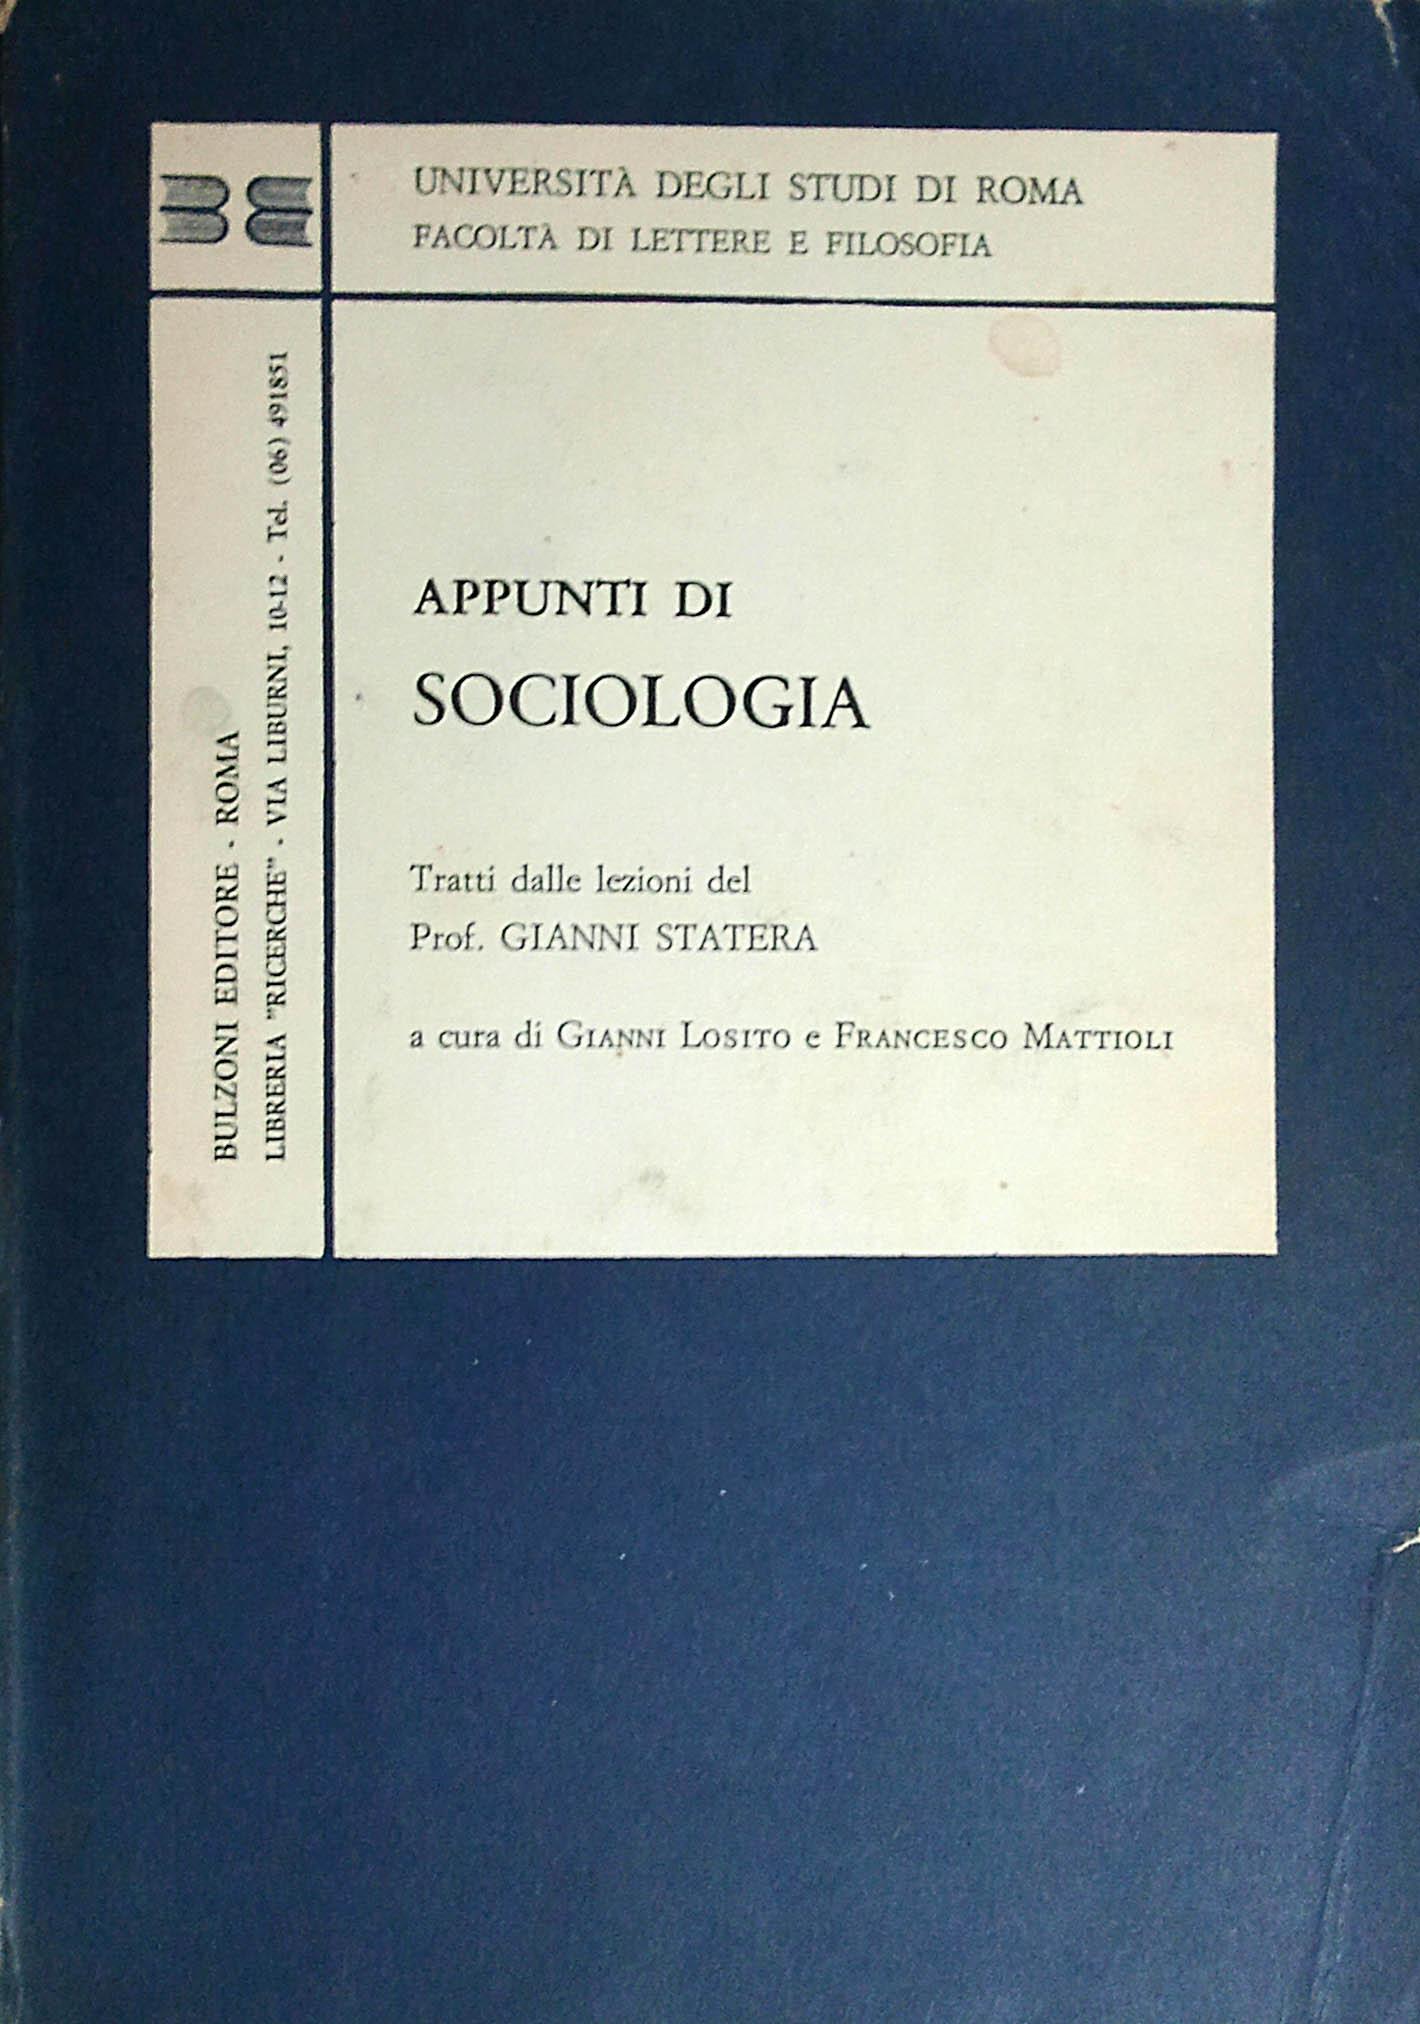 Appunti di sociologia